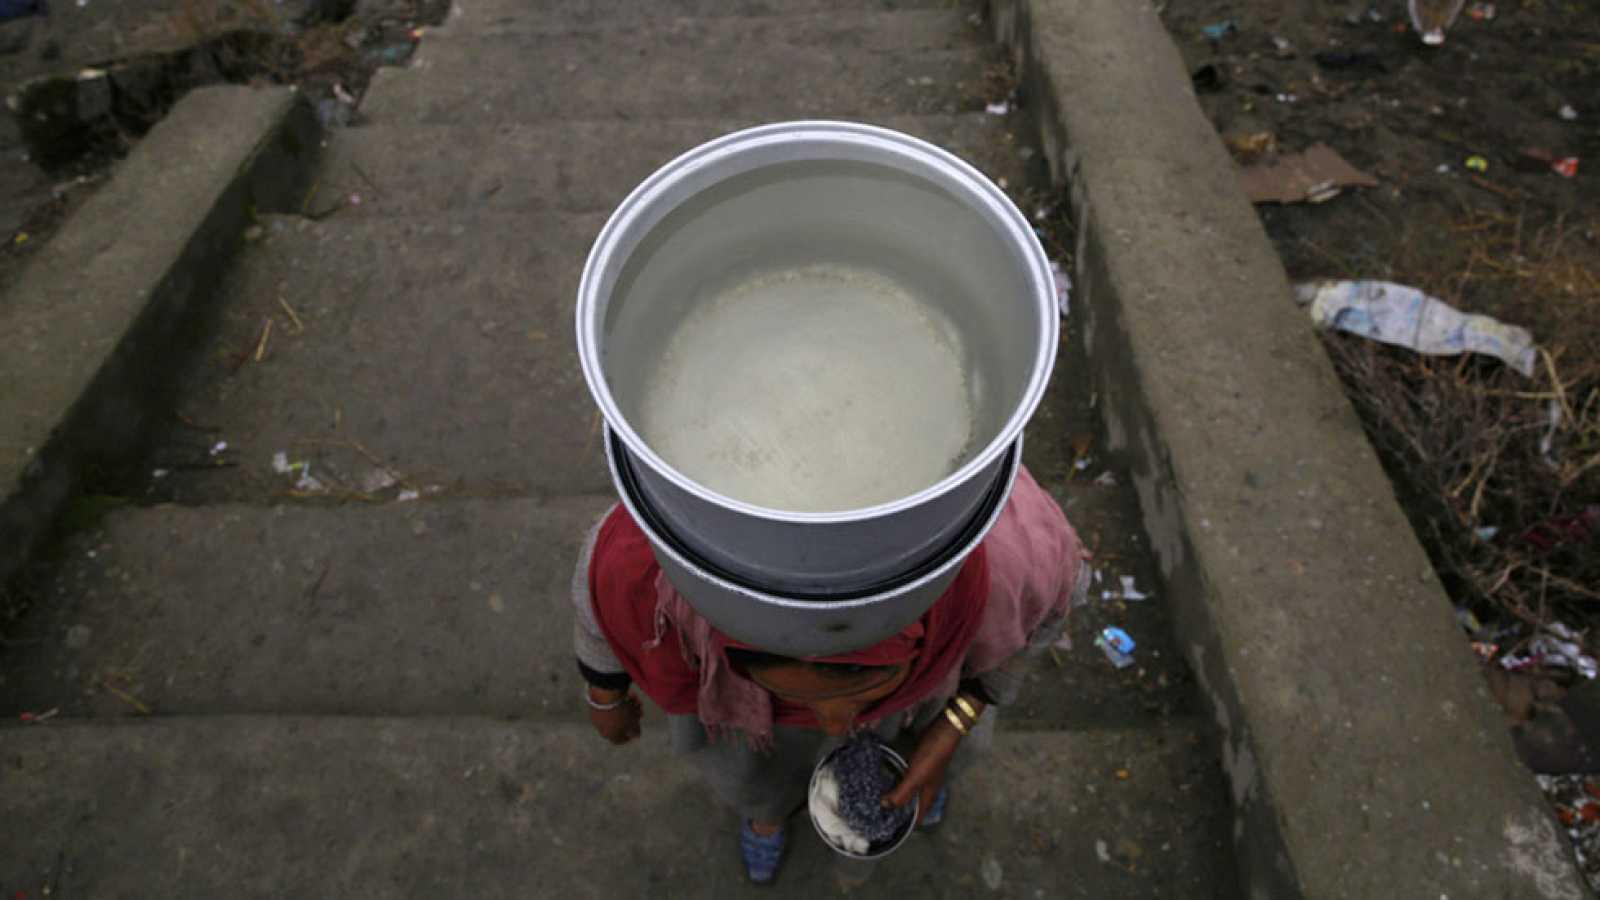 Una jornada para concienciarnos de la importancia de este recurso, esencial para la vida y que debemos conservar. Naciones Unidas ha dedicado esta edición a las aguas residuales con la pregunta ¿Por qué desperdiciar? En la Ría de Bilbao han colocado